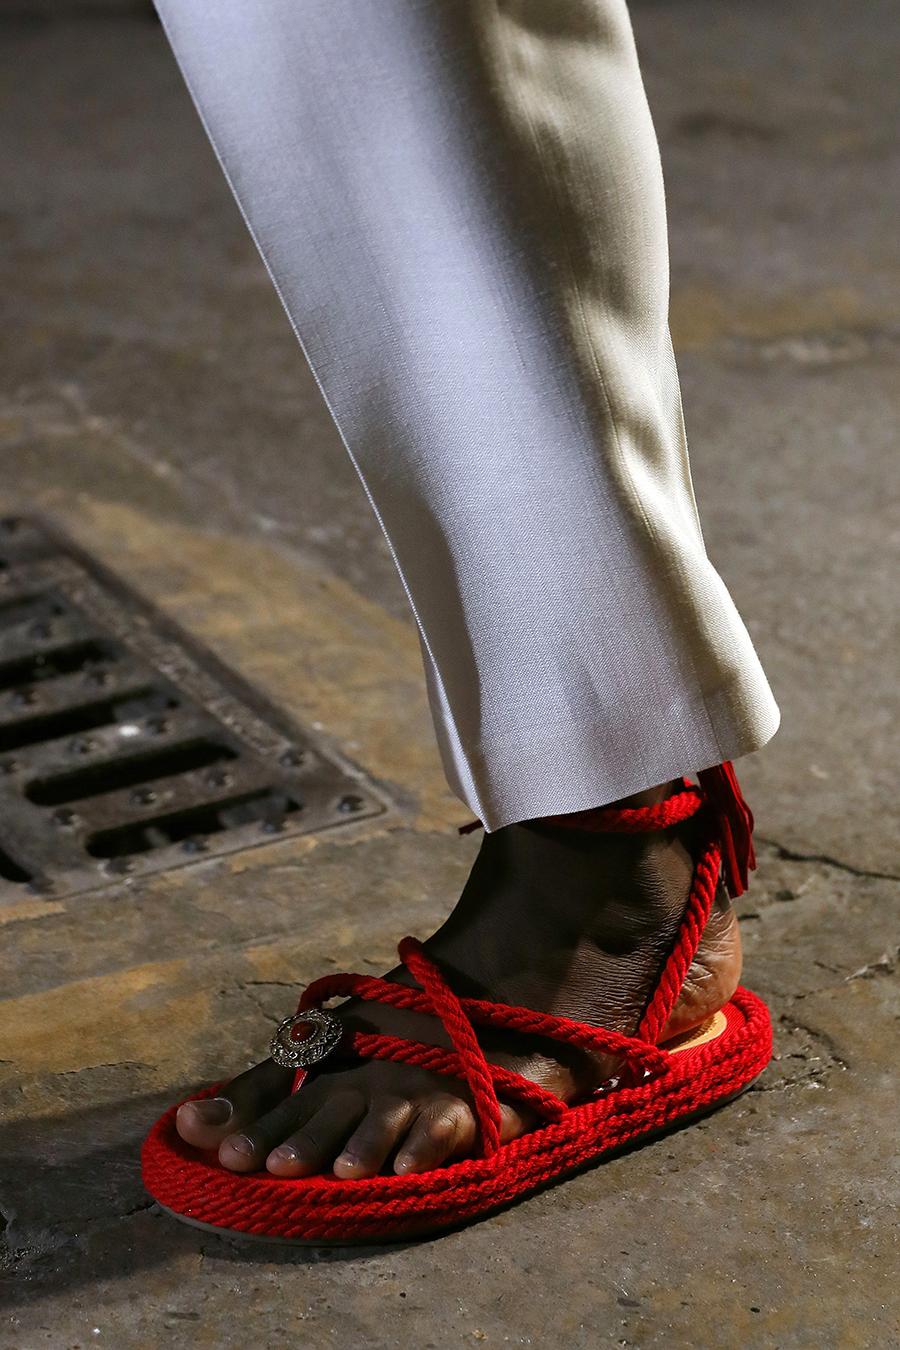 вьетнамки босоножки шлепанцы лето весна 2021 веревочные на завязках на плоском ходу на платформе красные